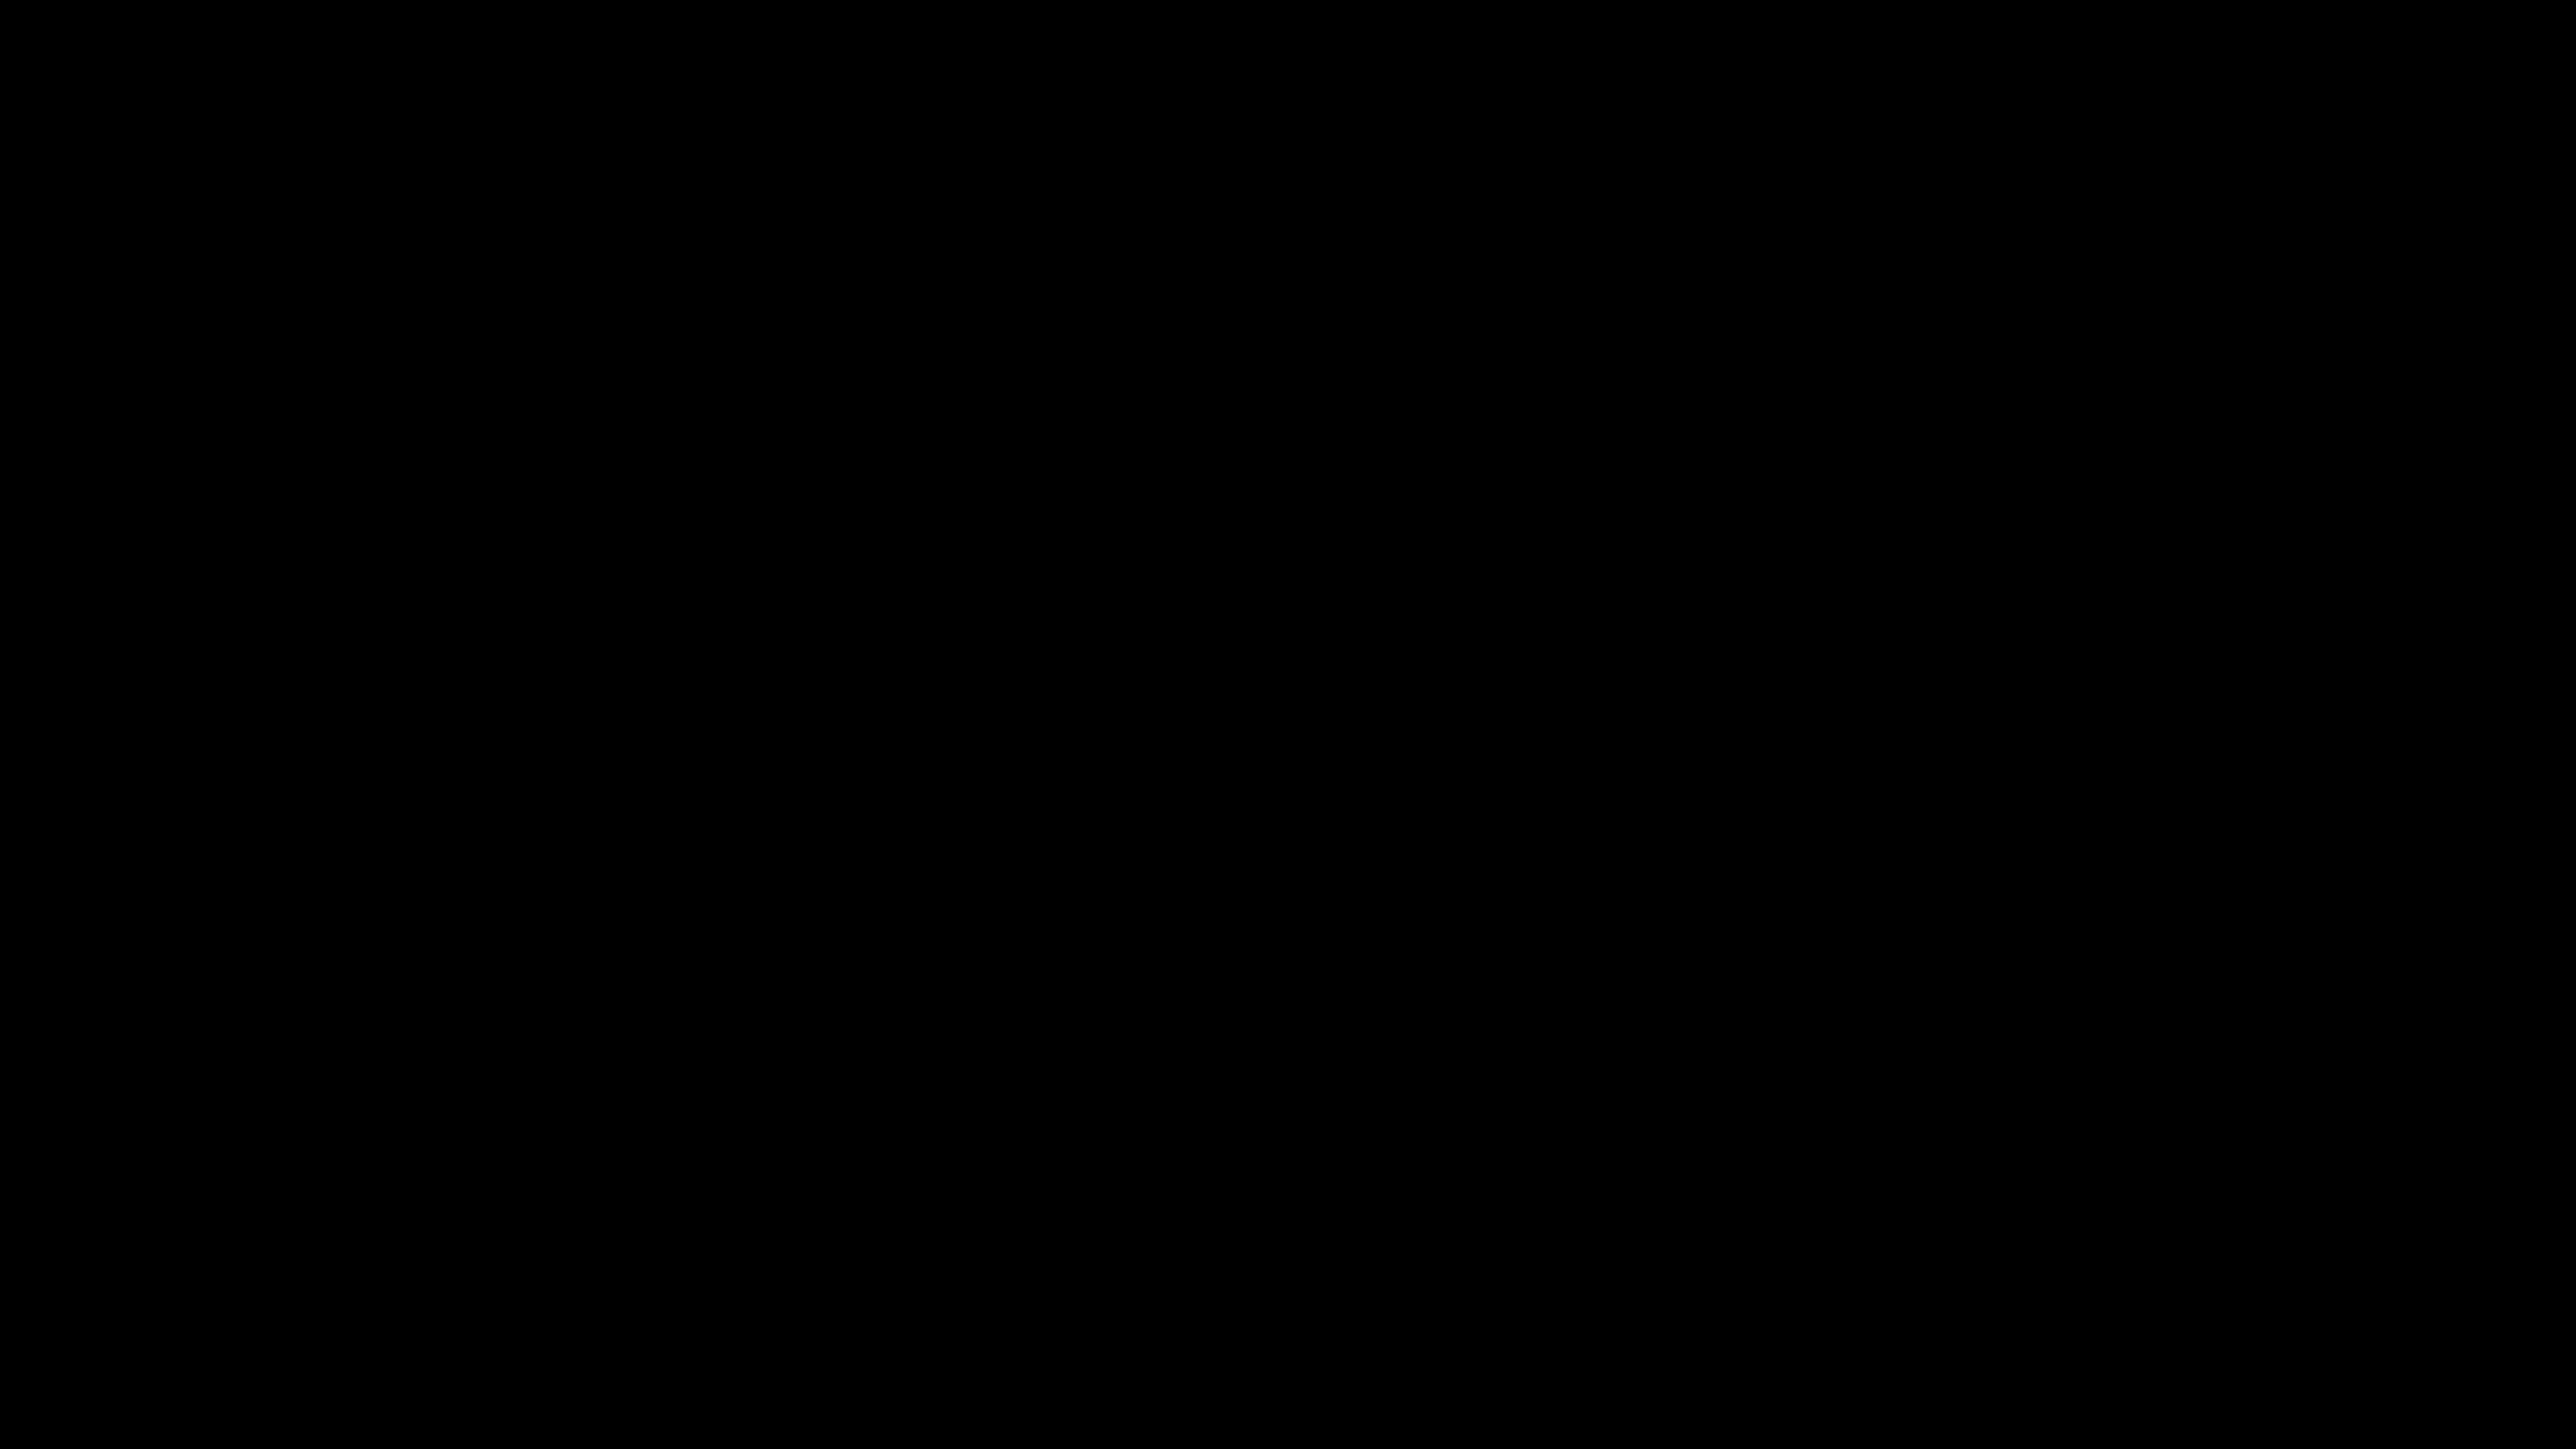 Predaj v roku 2018 podľa regiónu